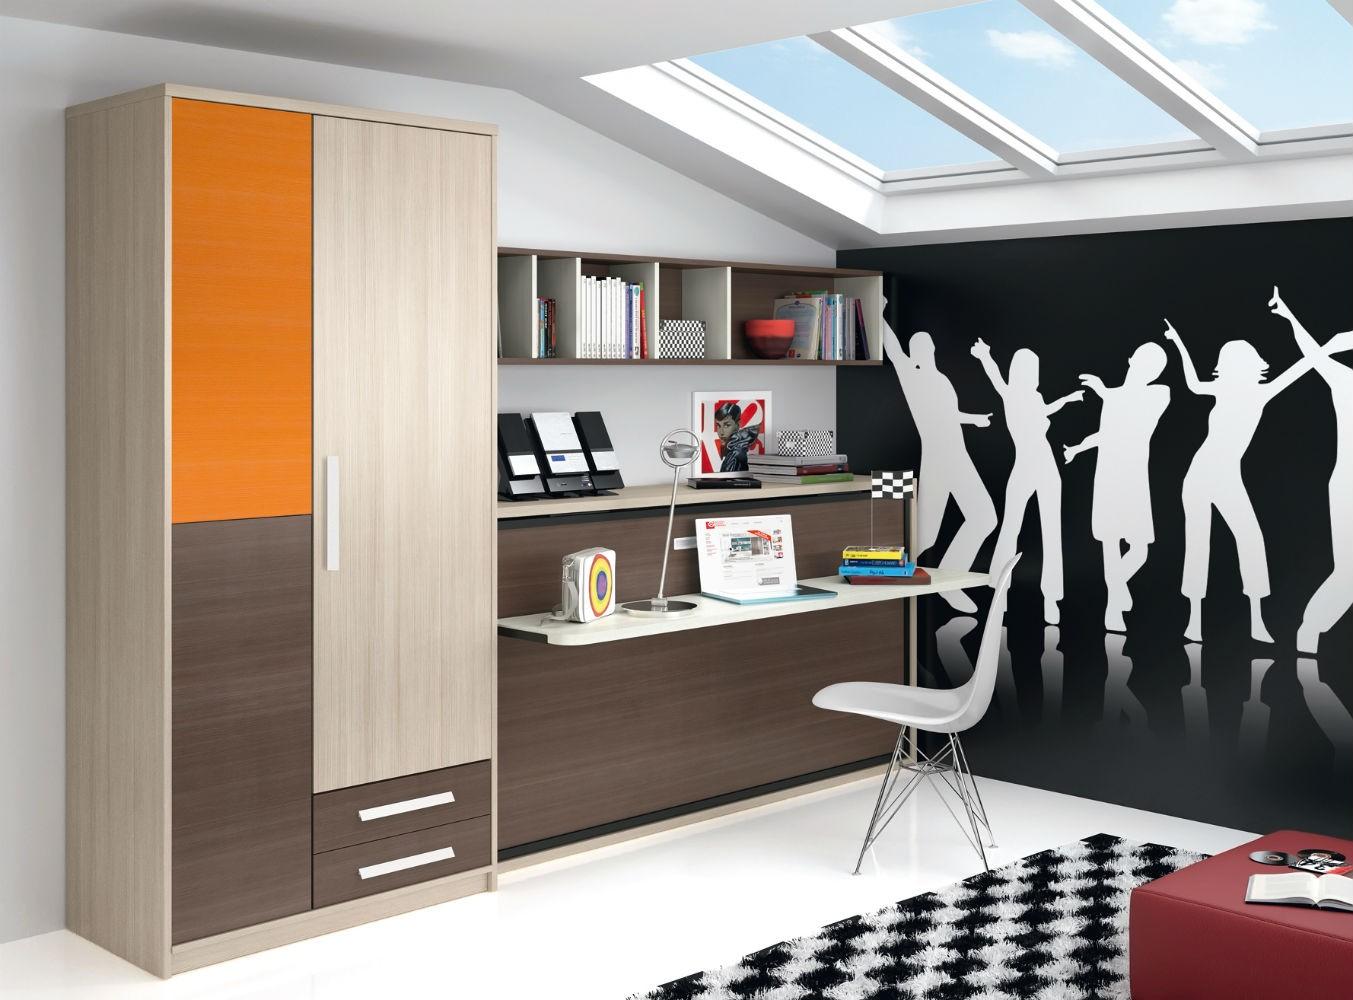 Dormitorio infantil juvenil moderno literas abatibles 69 f215 - Habitacion juvenil cama abatible ...